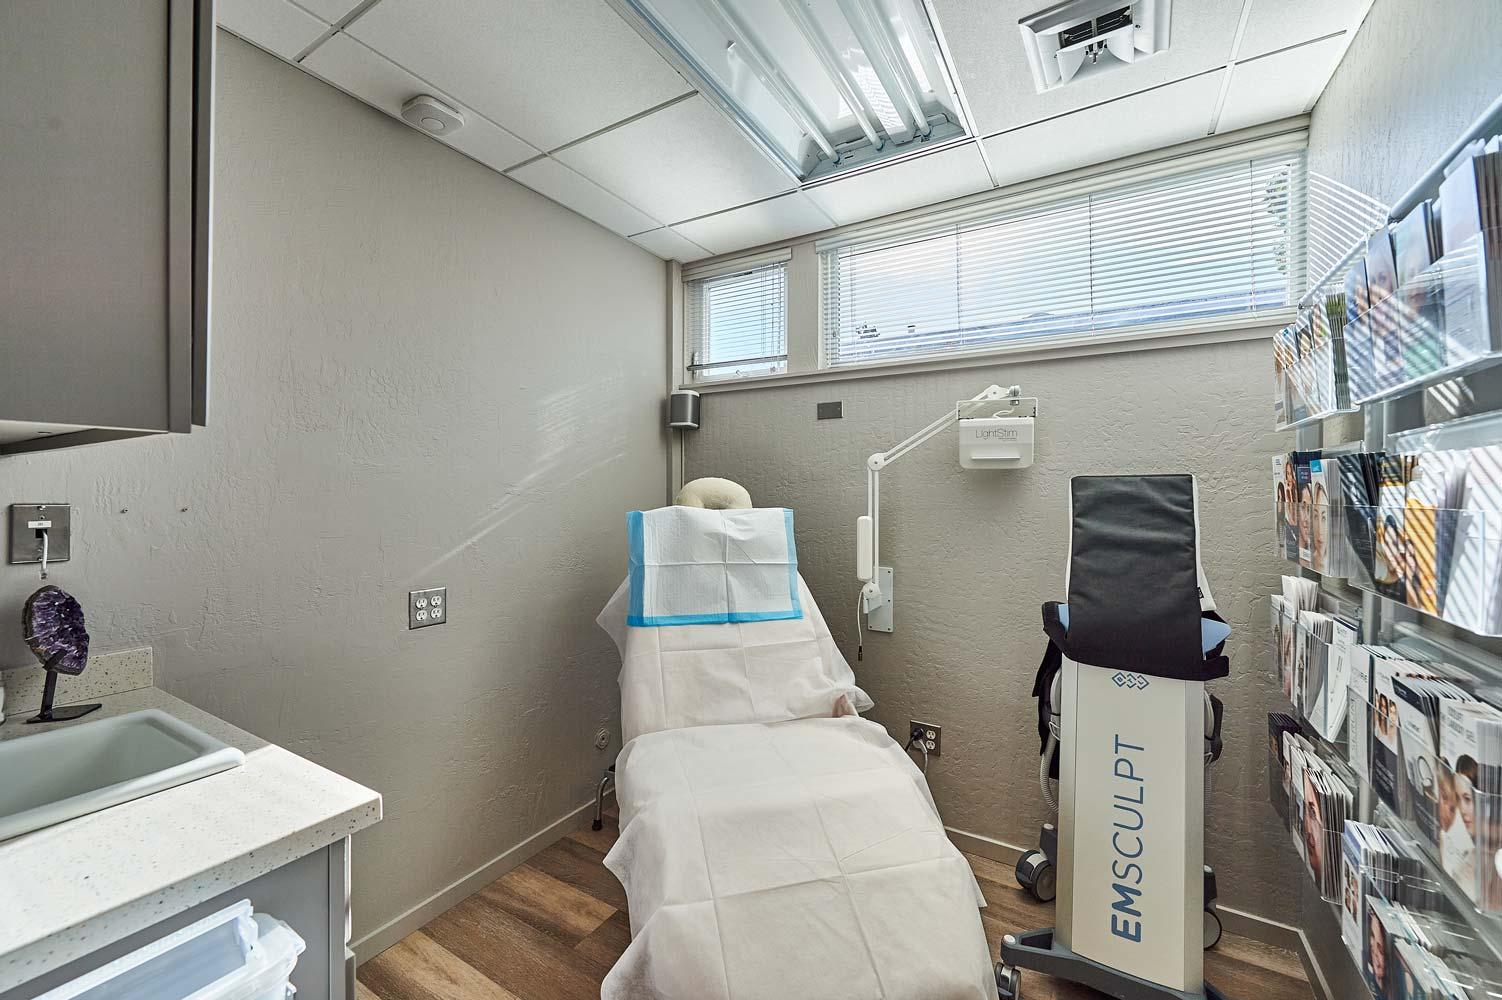 Camino Alto Commercial Construction-Medical Interior